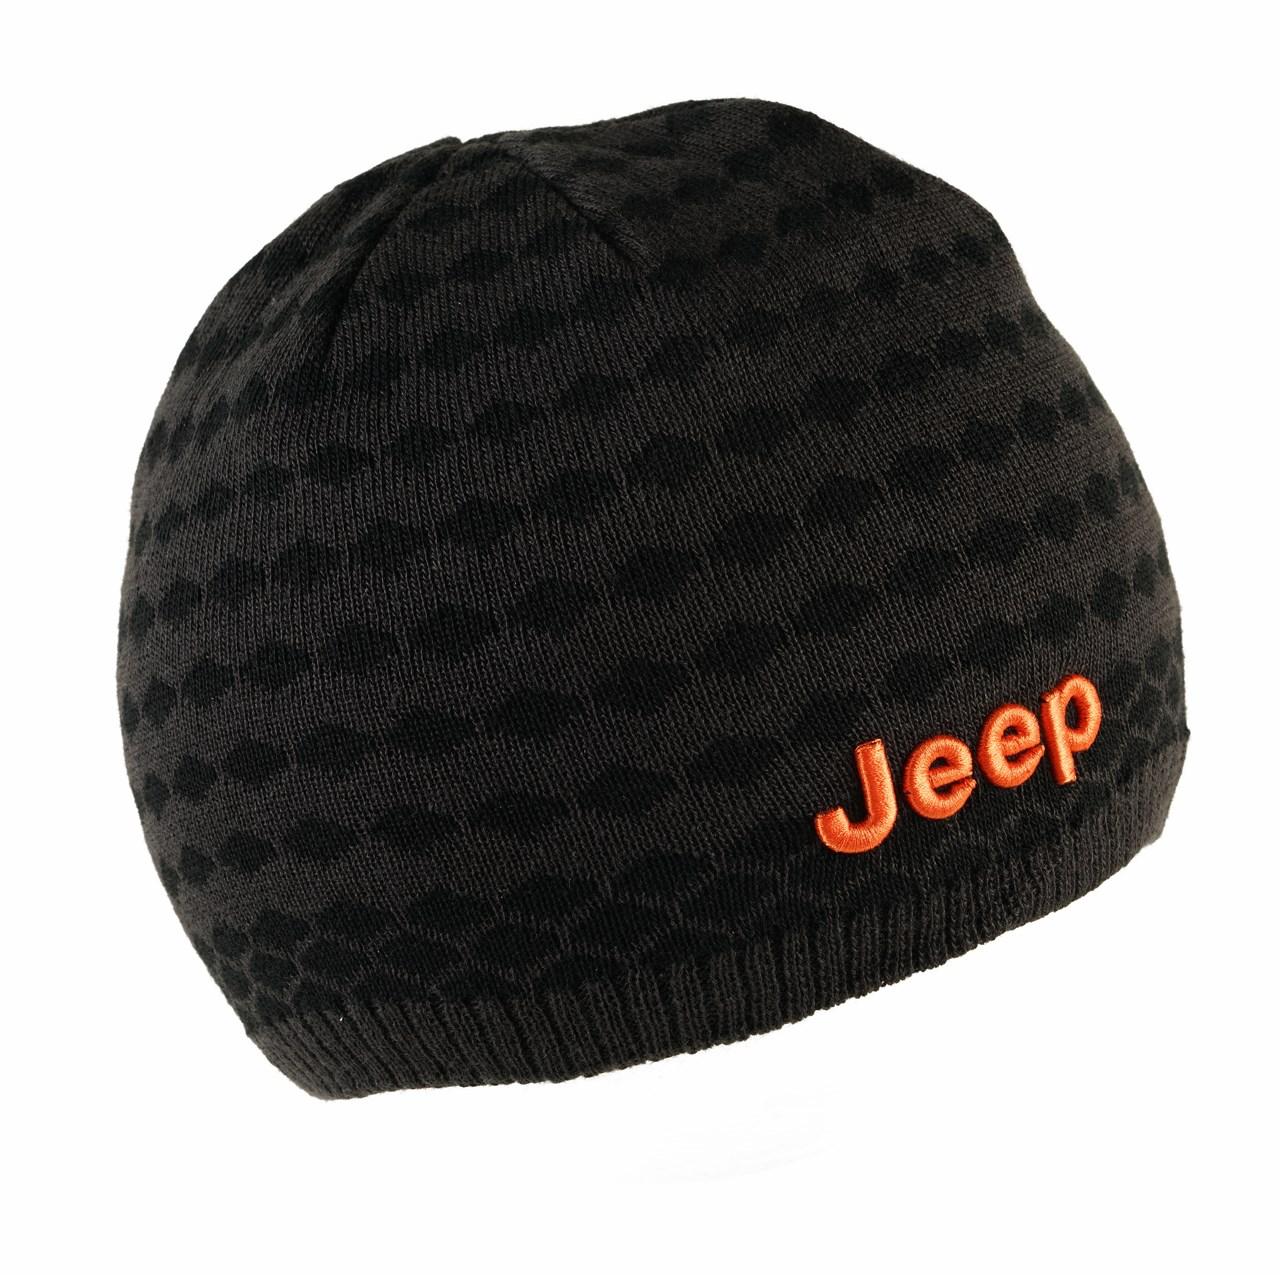 کلاه بافتنی جیپ مدل Jeep586